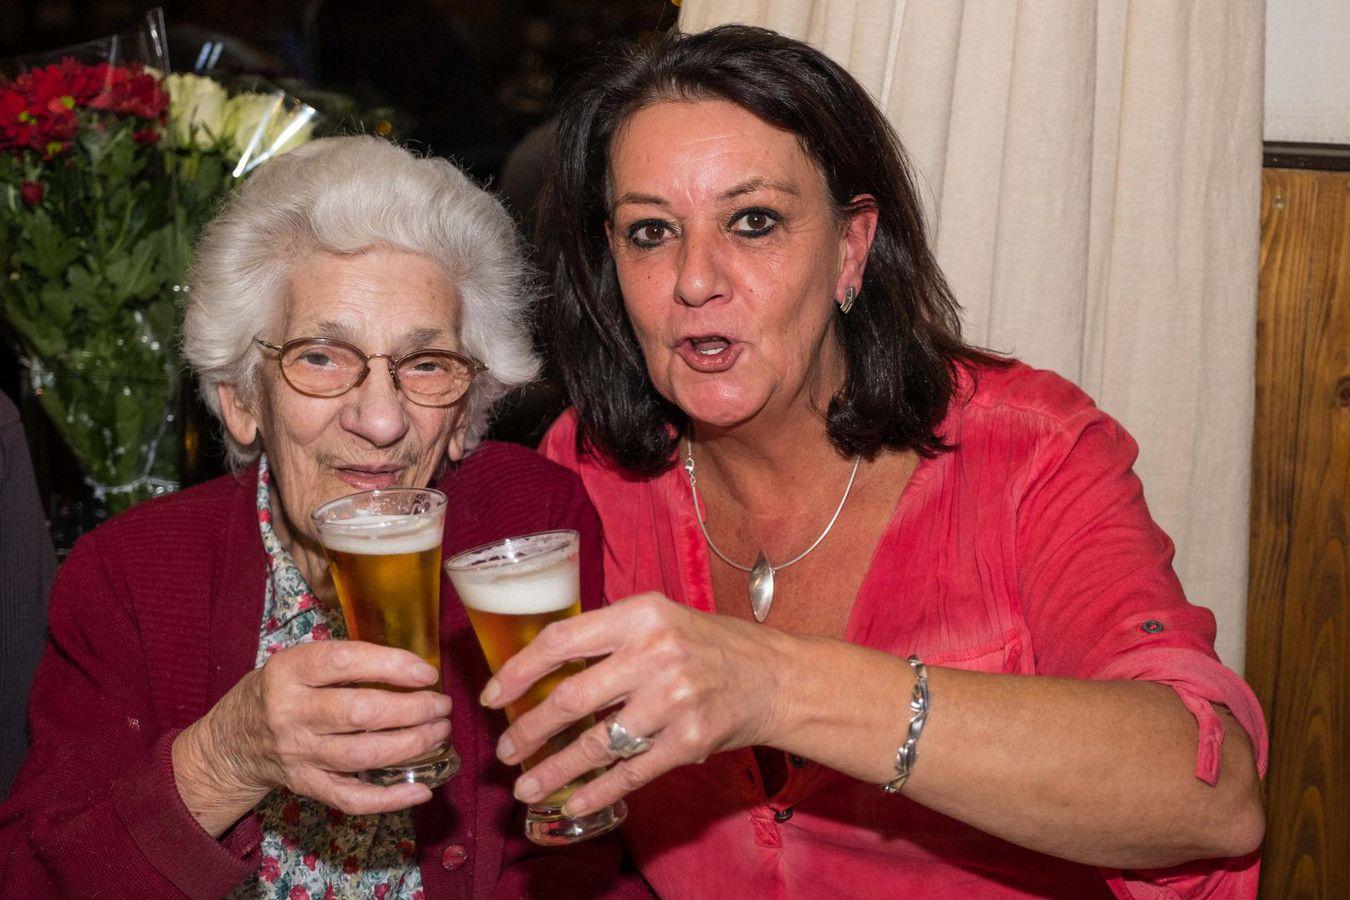 signora beve 22 birre a sera per stare in forma 96 anni